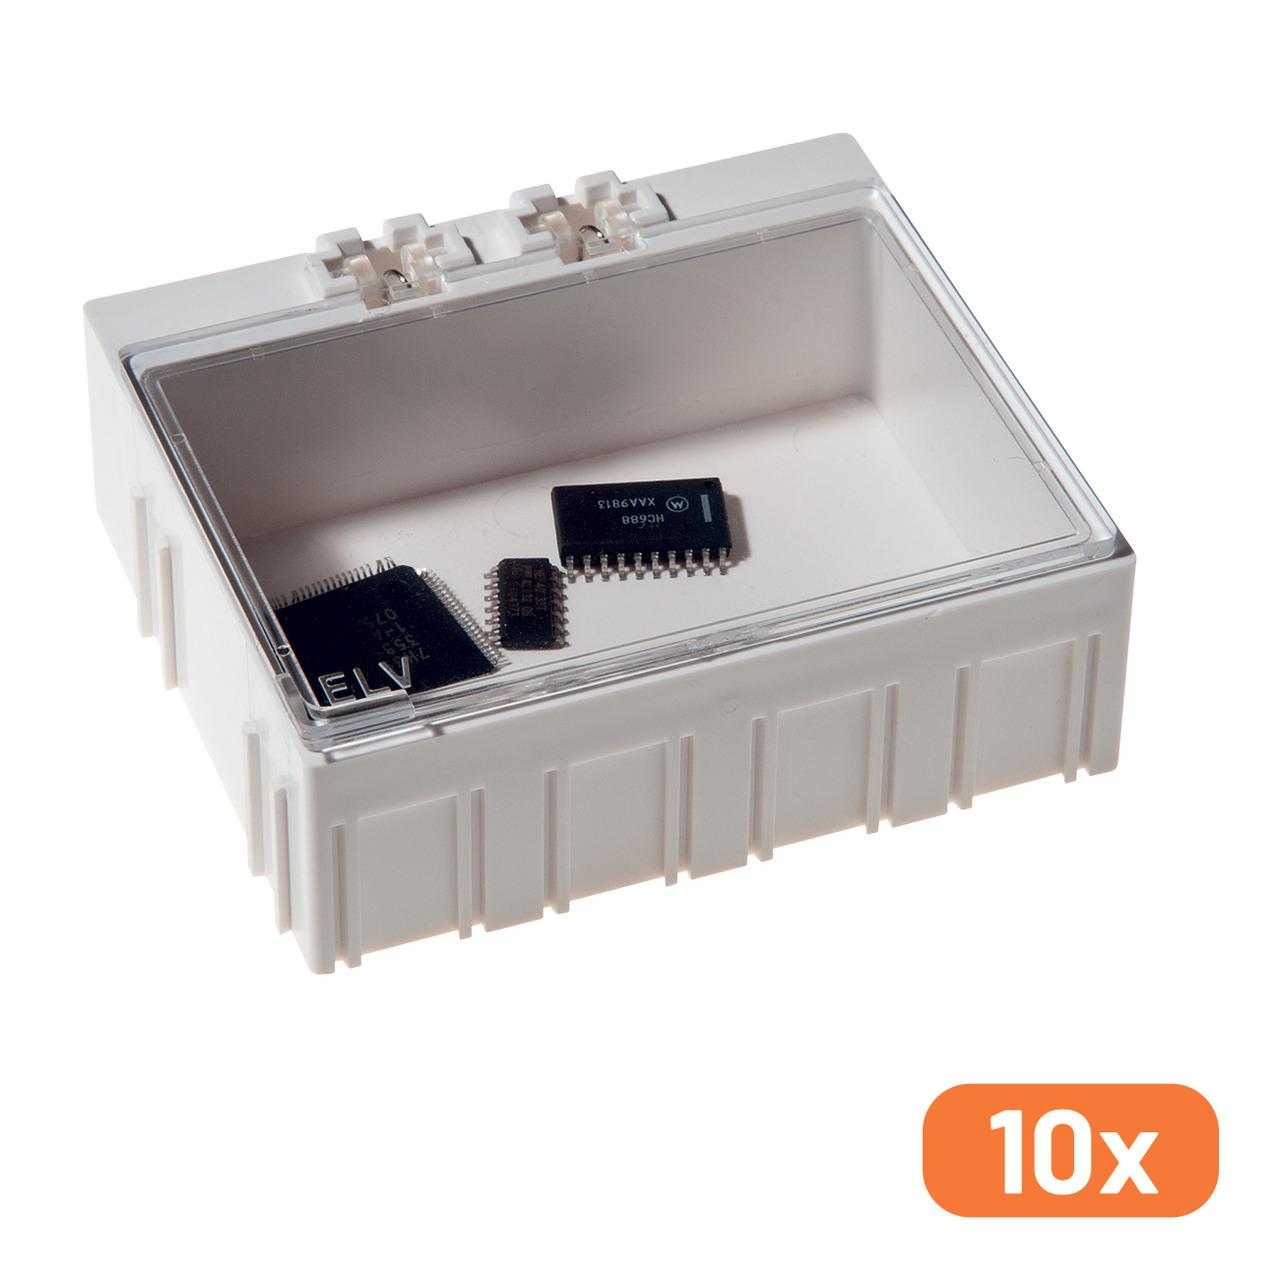 10er-Set ELV SMD-Sortierbox- Altweiss- 23 x 62 x 54 mm